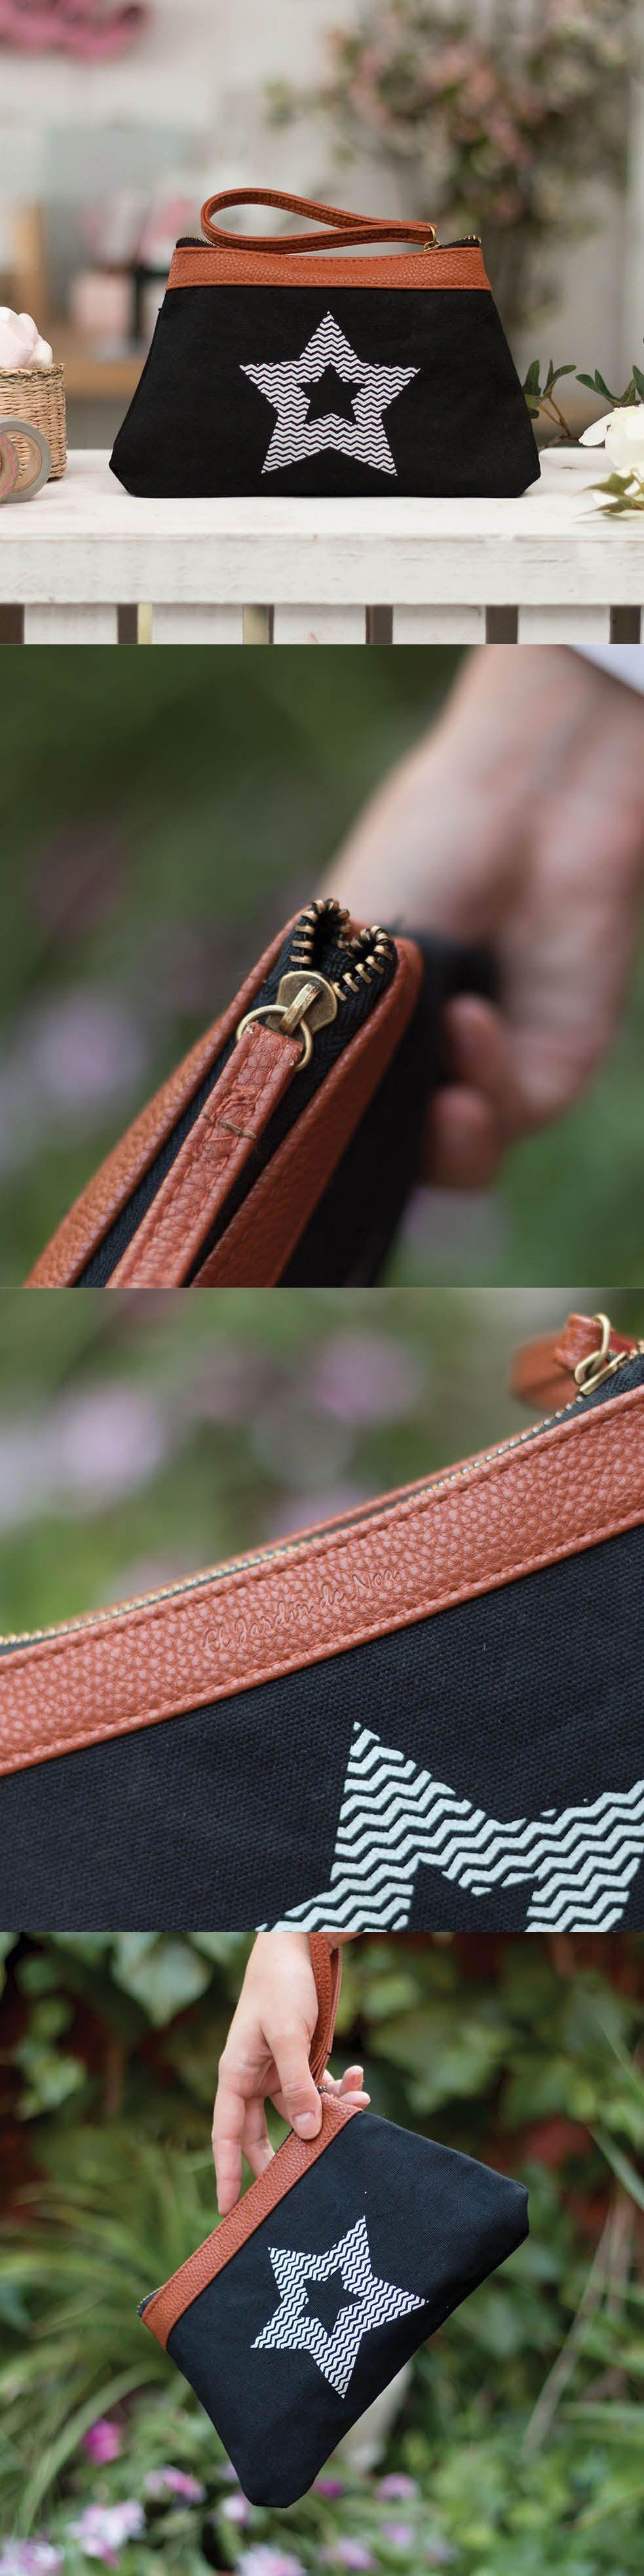 bolsos de mano - neceser original